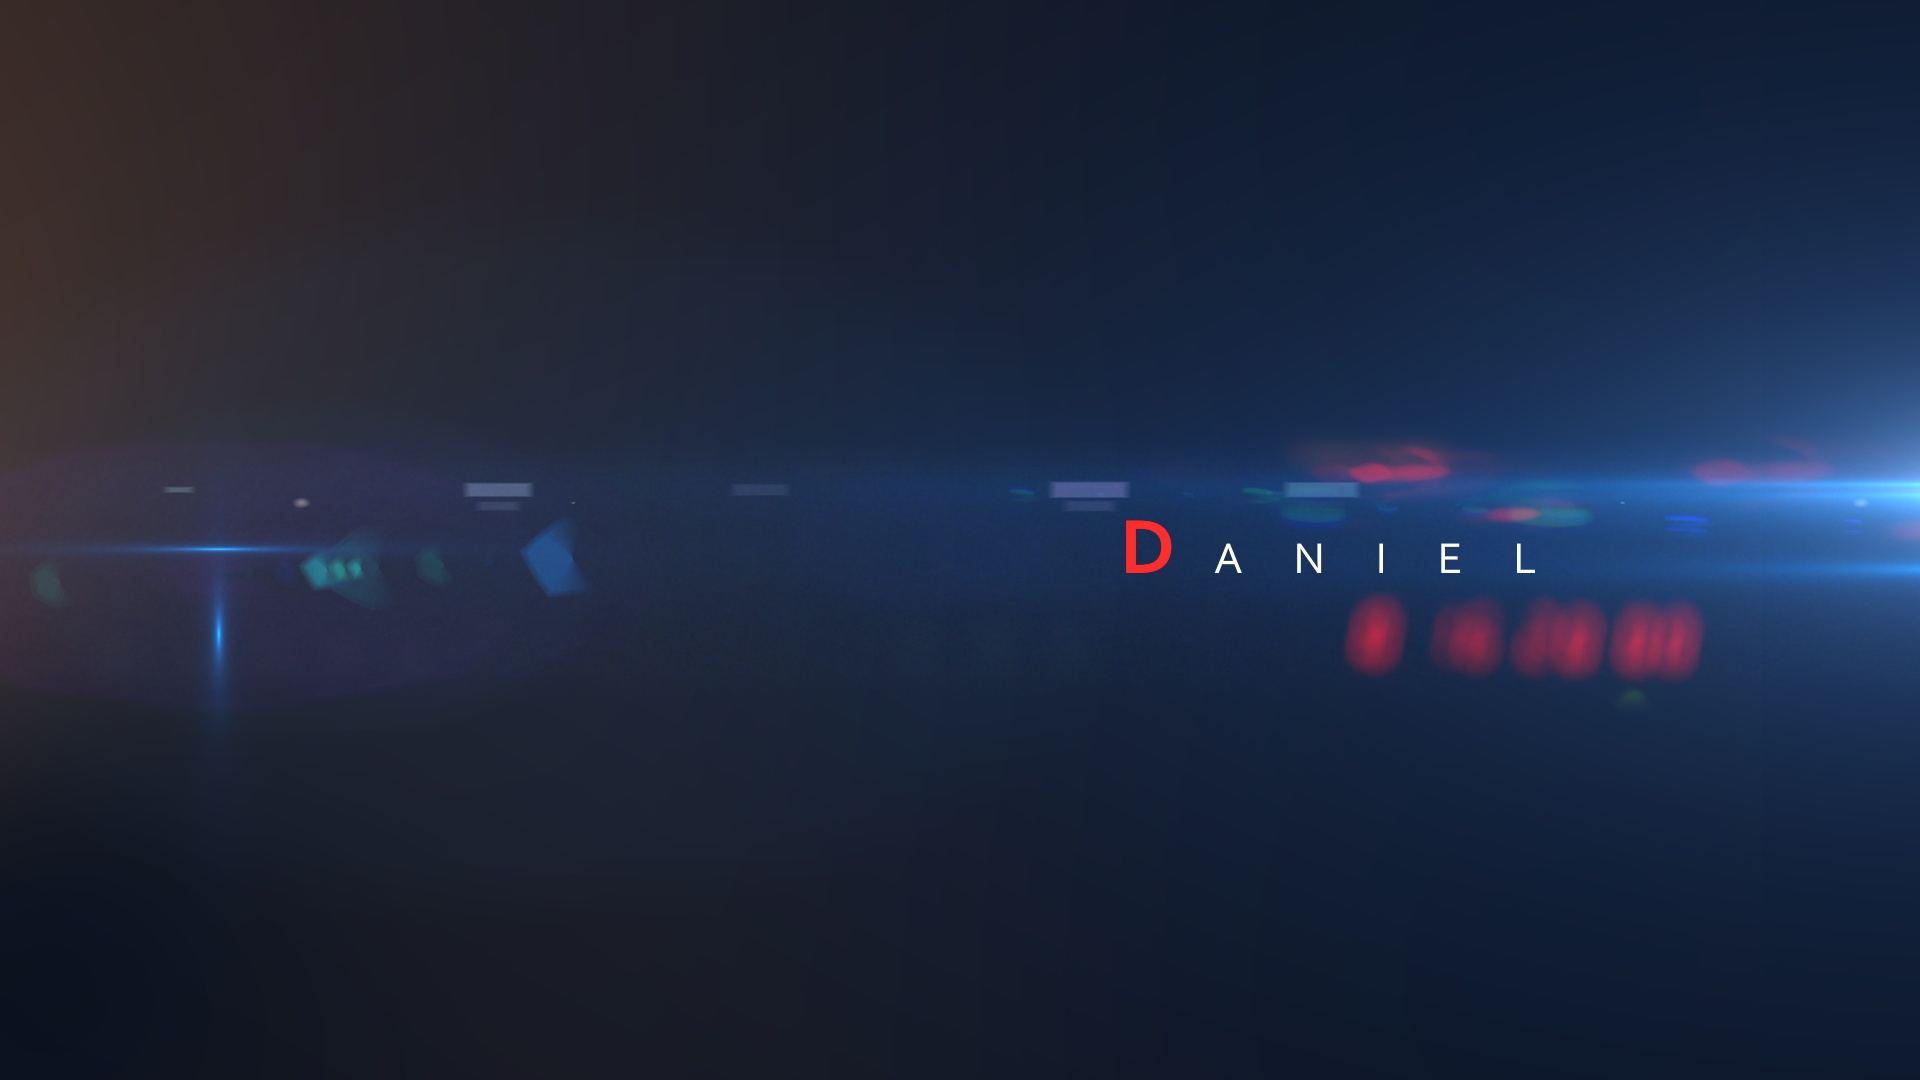 Daniel, gardien de la paix au Commissariat A - policier : découvrir le personnage